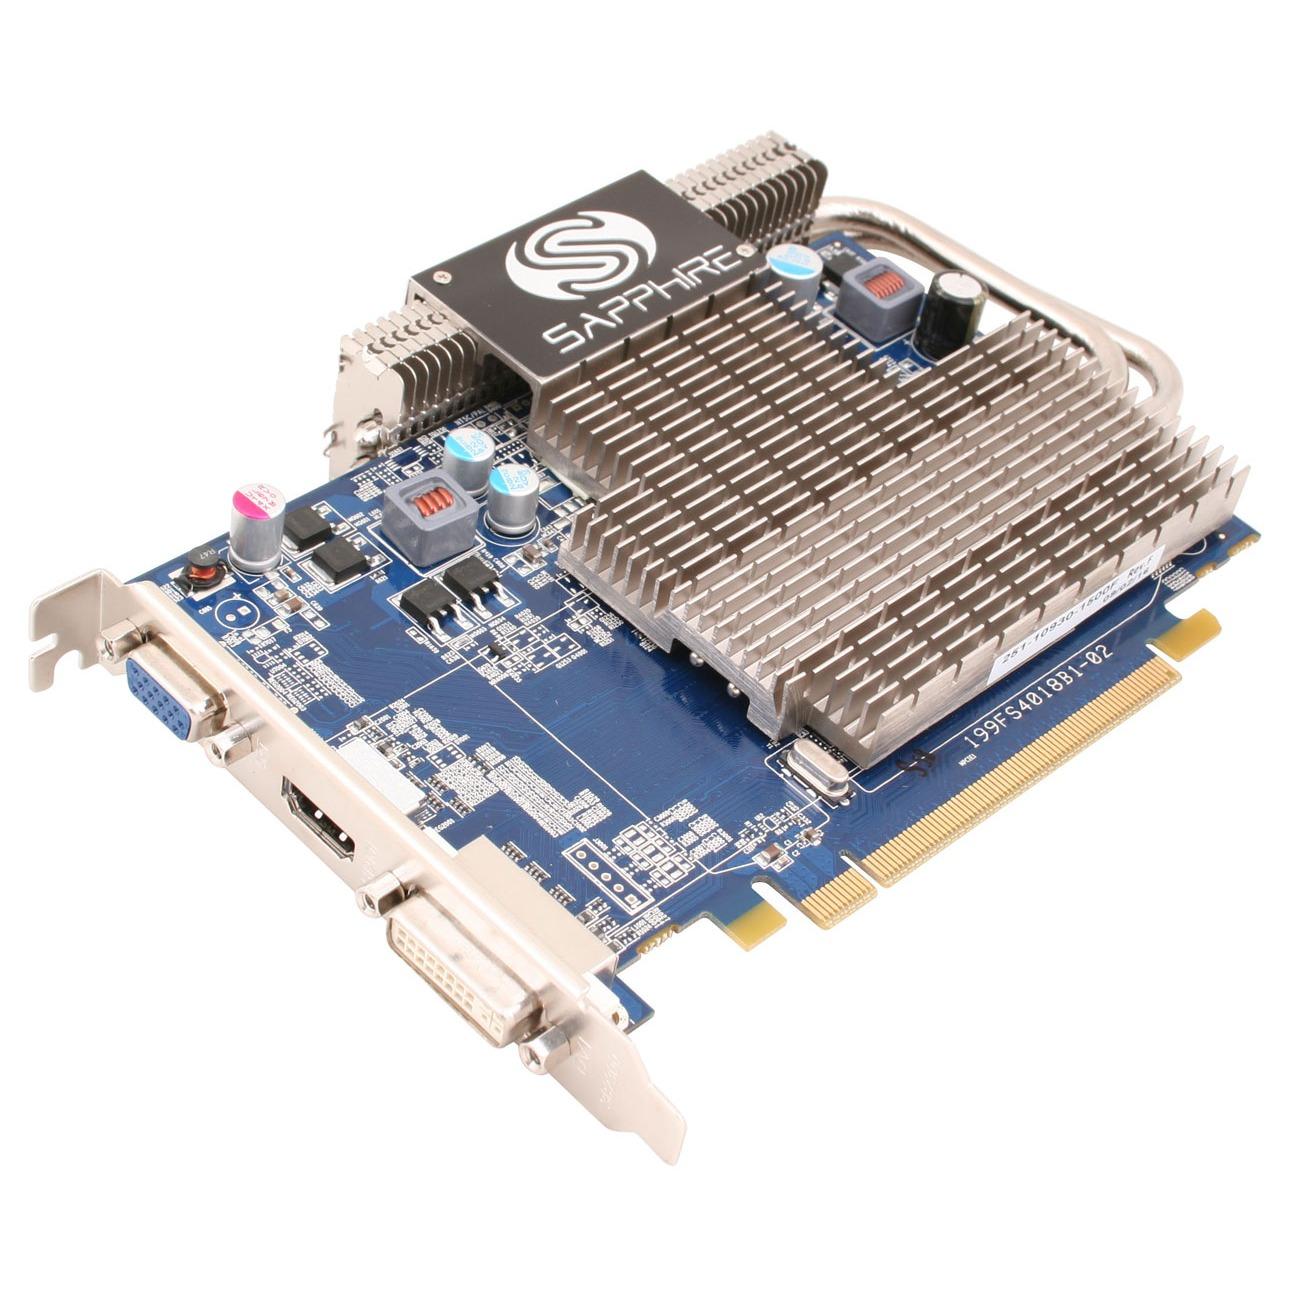 Carte graphique Sapphire Radeon HD 4650 Ultimate - 1 Go Sapphire Radeon HD 4650 Ultimate - 1 Go HDMI/DVI - PCI Express (ATI Radeon HD 4650)